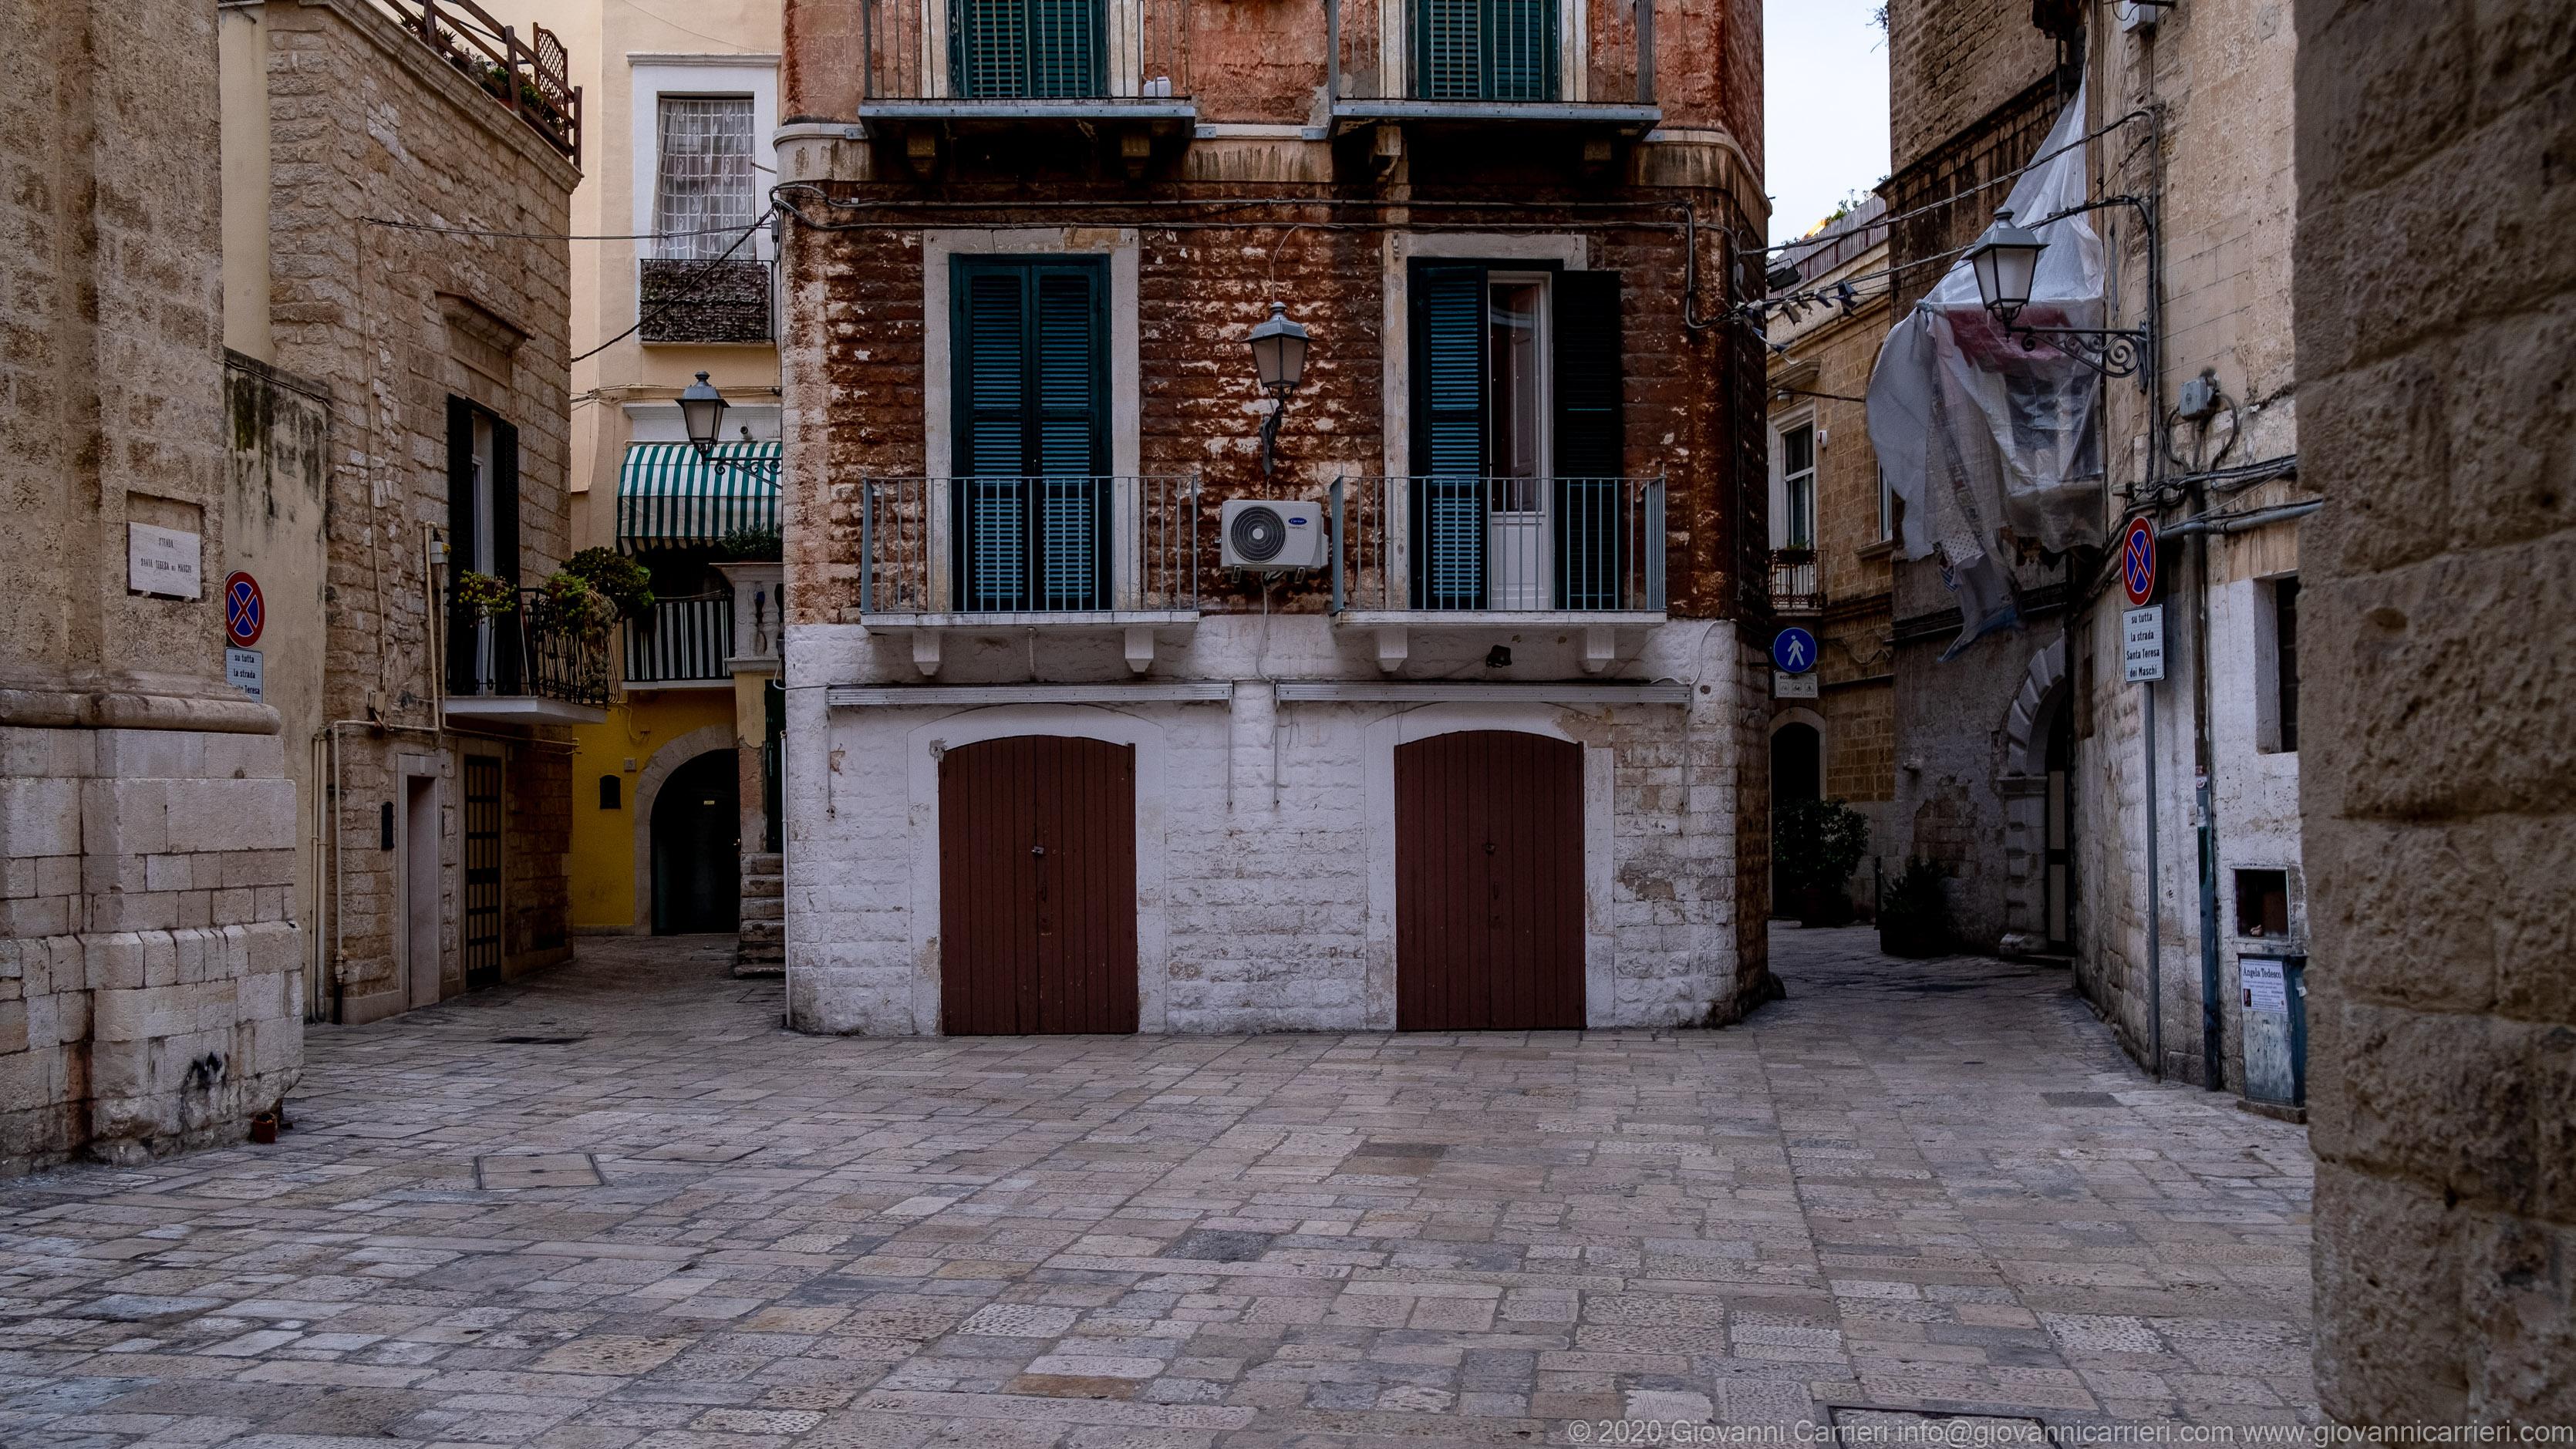 Strada Santa Teresa dei Maschi